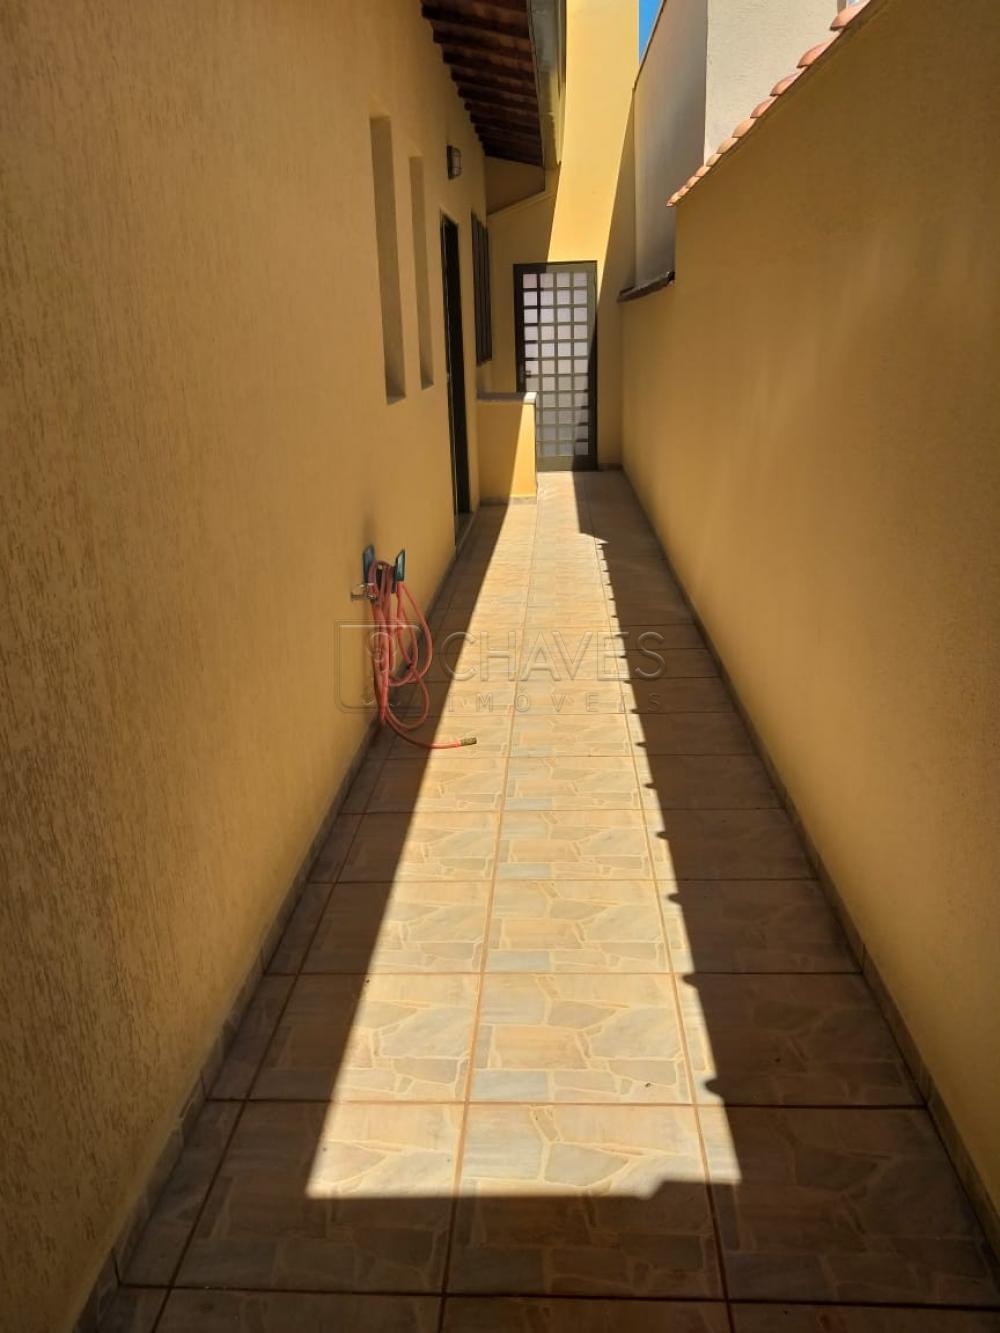 Comprar Casa / Condomínio em Bonfim Paulista apenas R$ 550.000,00 - Foto 10